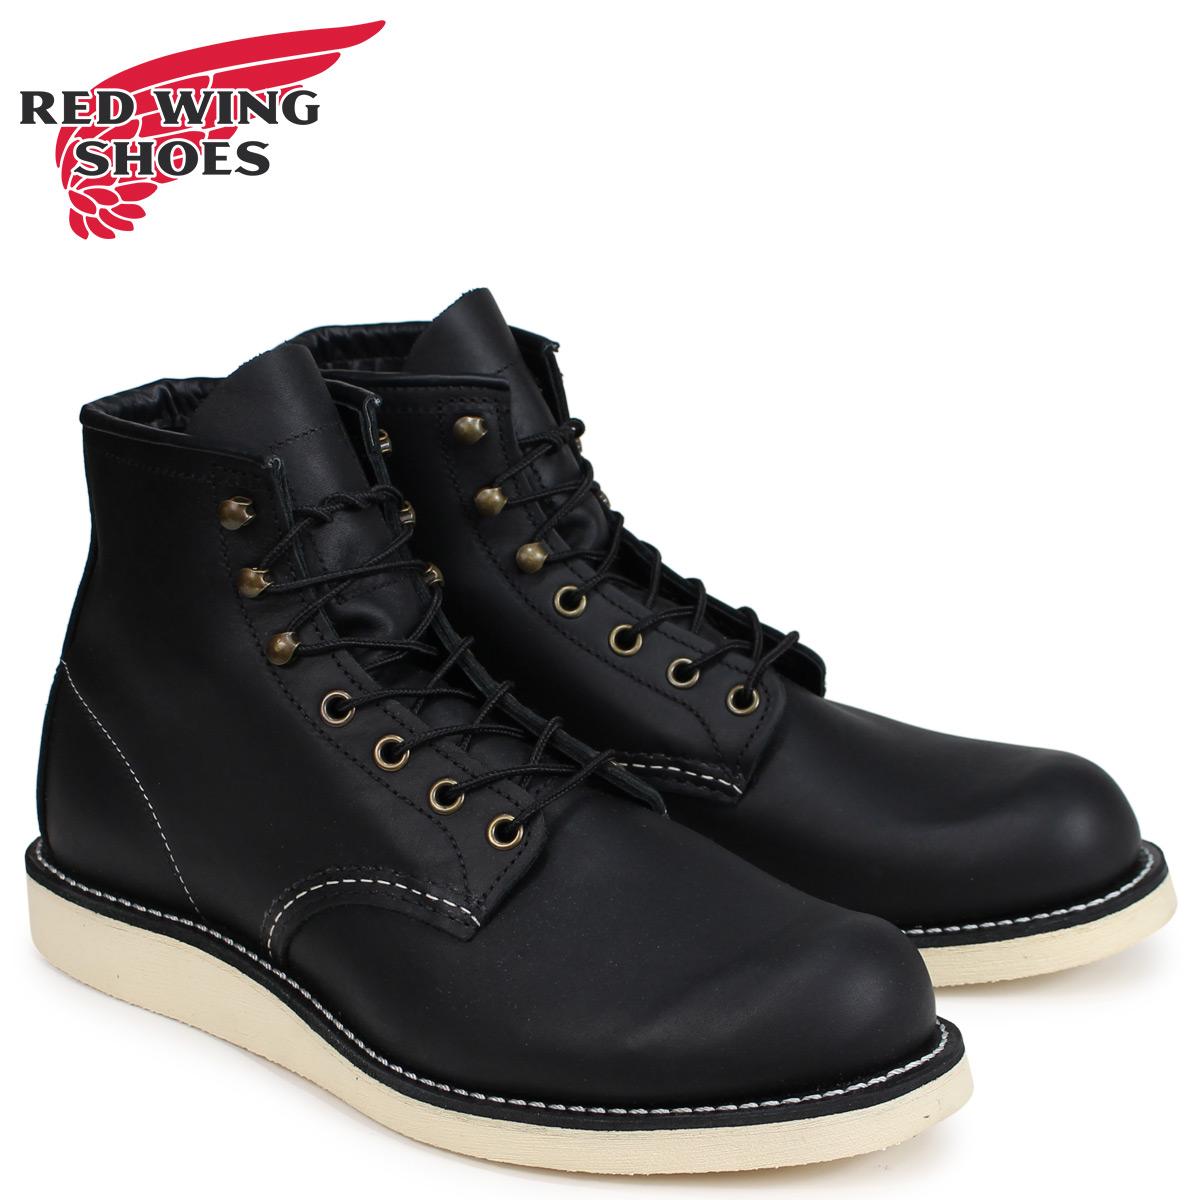 レッドウィング RED WING ブーツ ローバー メンズ HERITAGE ROVER BOOT Dワイズ ブラック 黒 2951